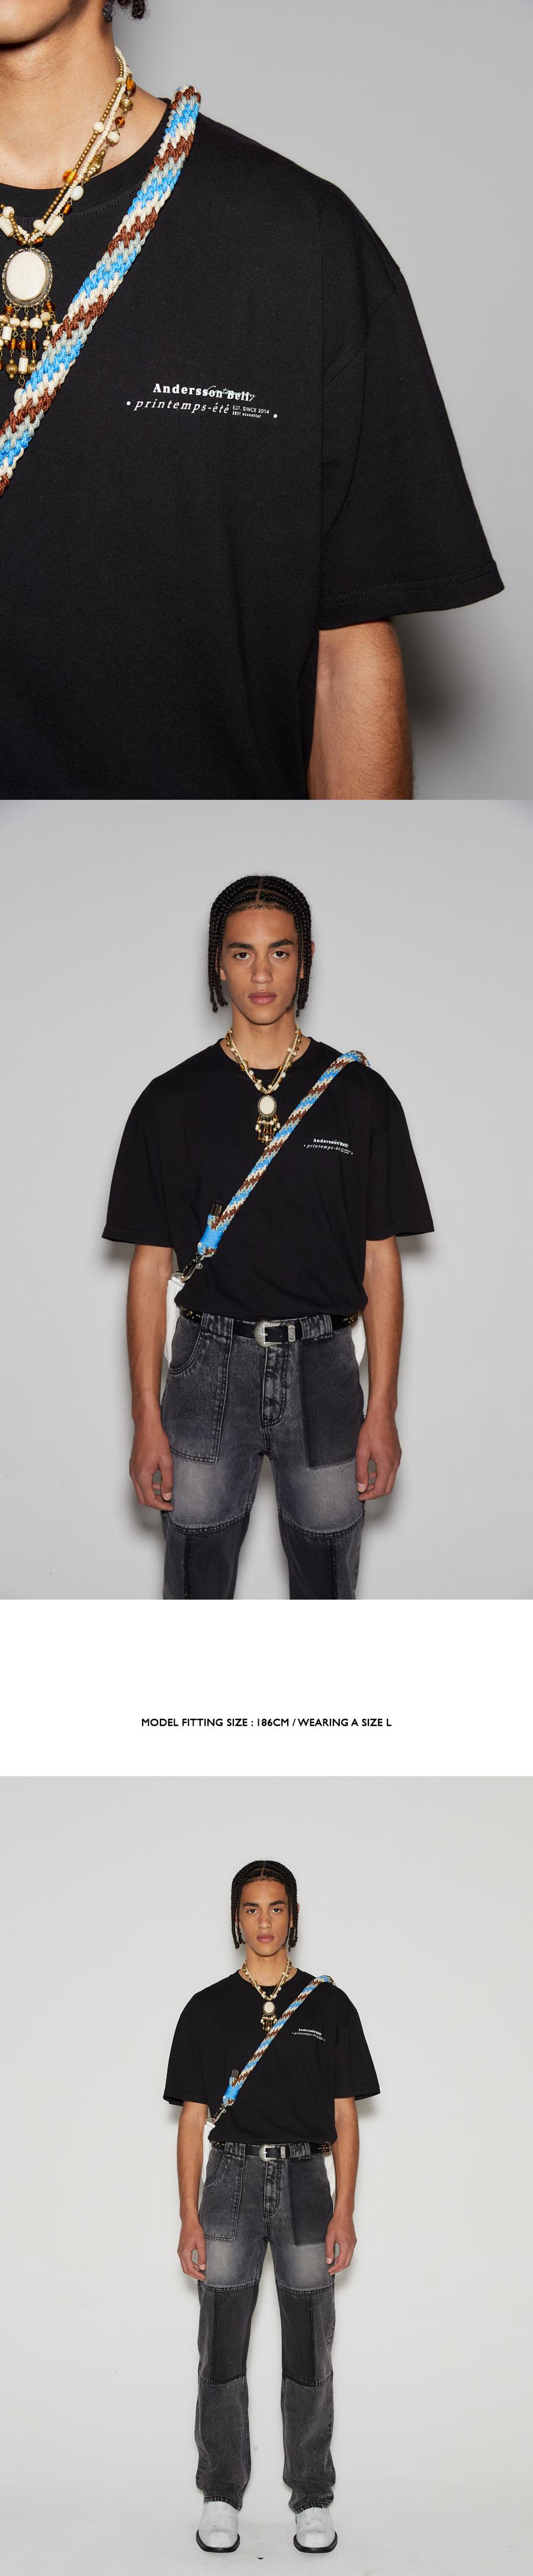 앤더슨벨(ANDERSSON BELL) 유니섹스 팡통 에테  에센셜 티셔츠 atb661u(BLACK)